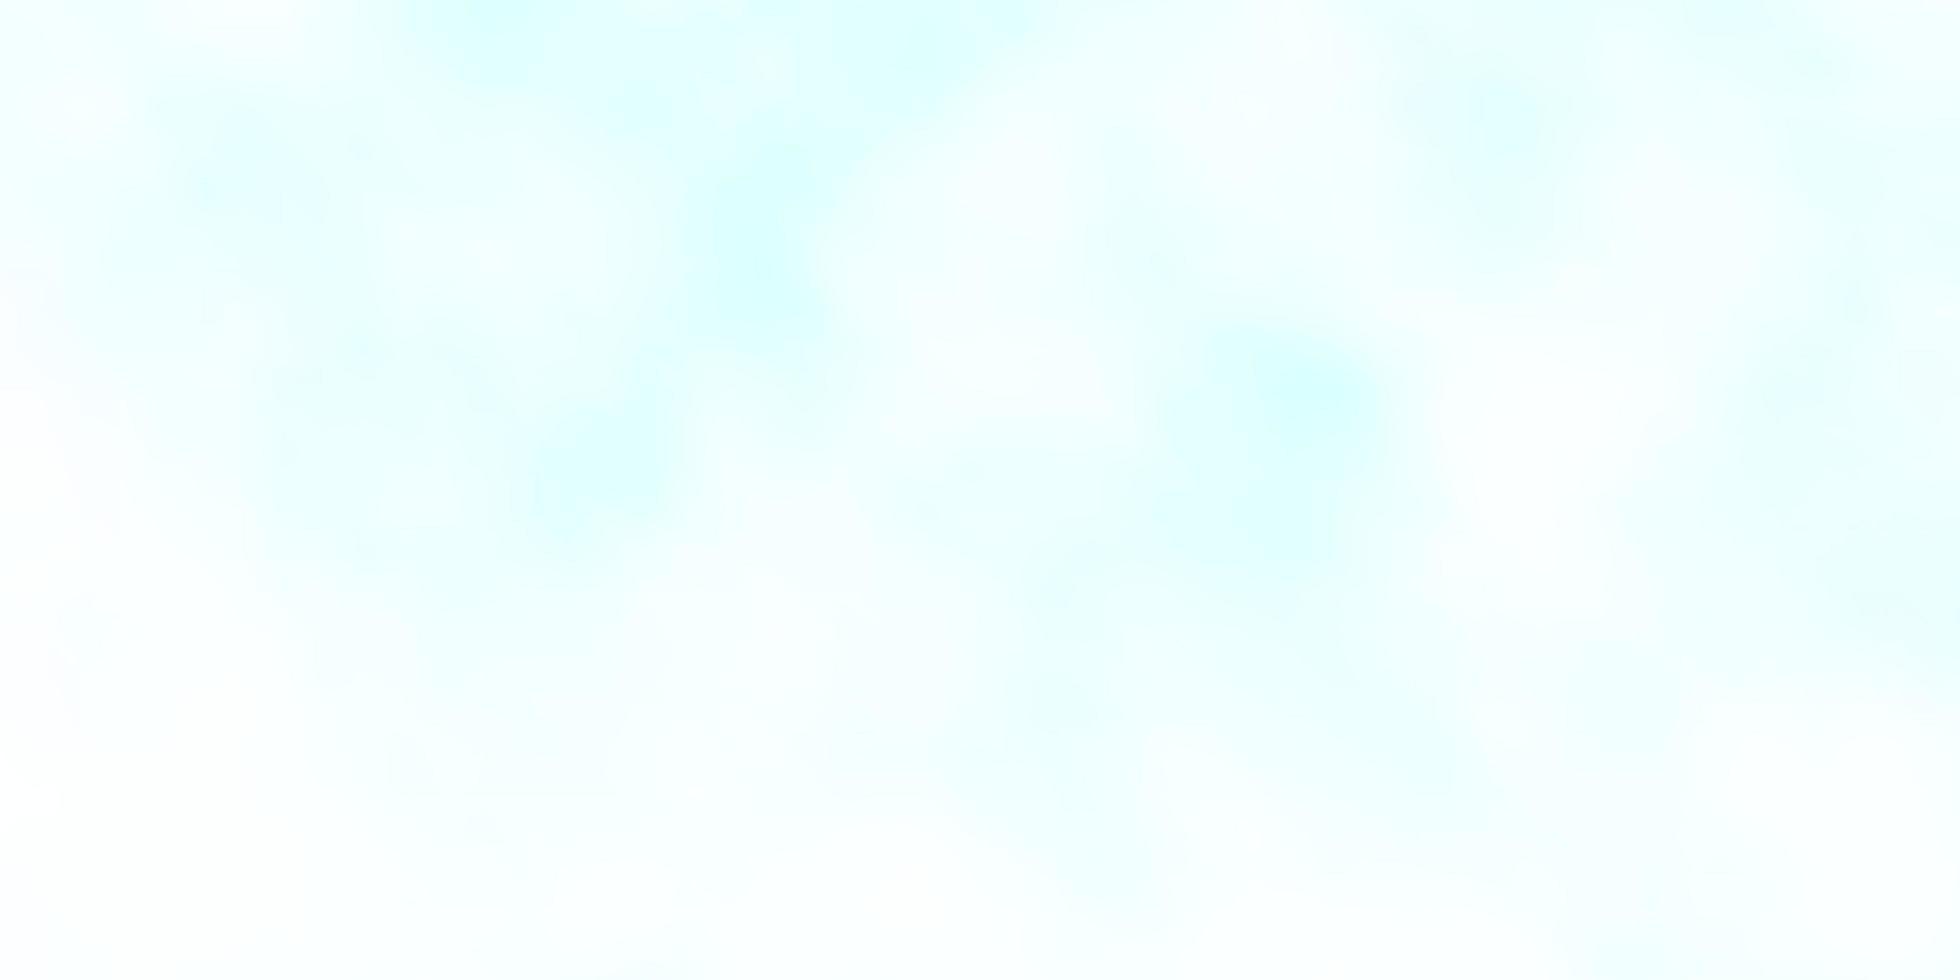 modelo de vetor azul claro com céu, nuvens.